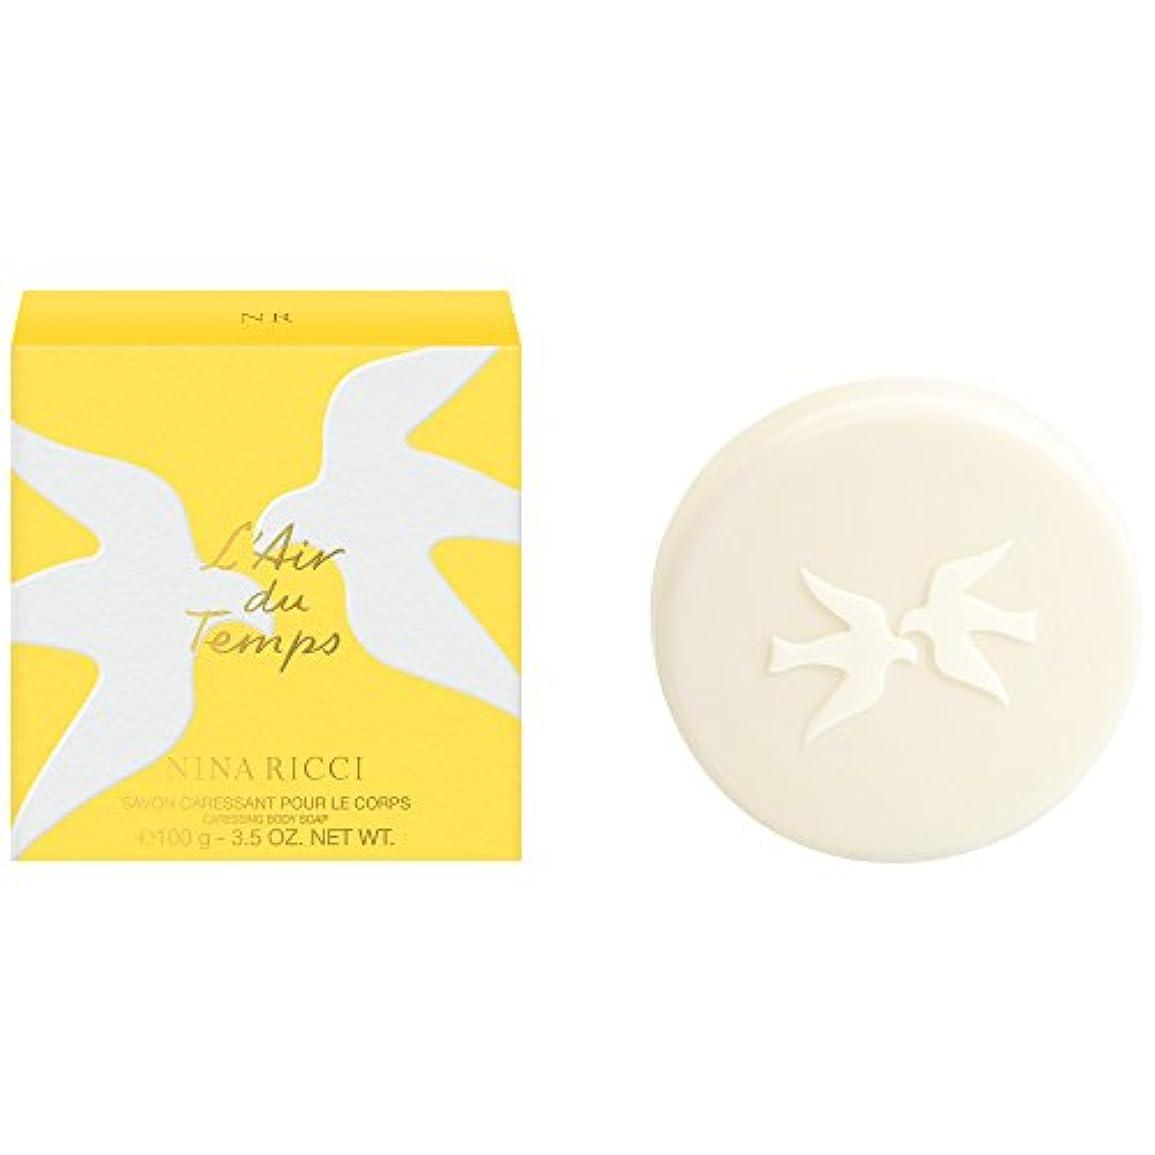 勘違いする切り離すにはまってニナリッチL'空気デュは石鹸の100グラムをタン (Nina Ricci) (x6) - Nina Ricci L'Air du Temps Soap 100g (Pack of 6) [並行輸入品]